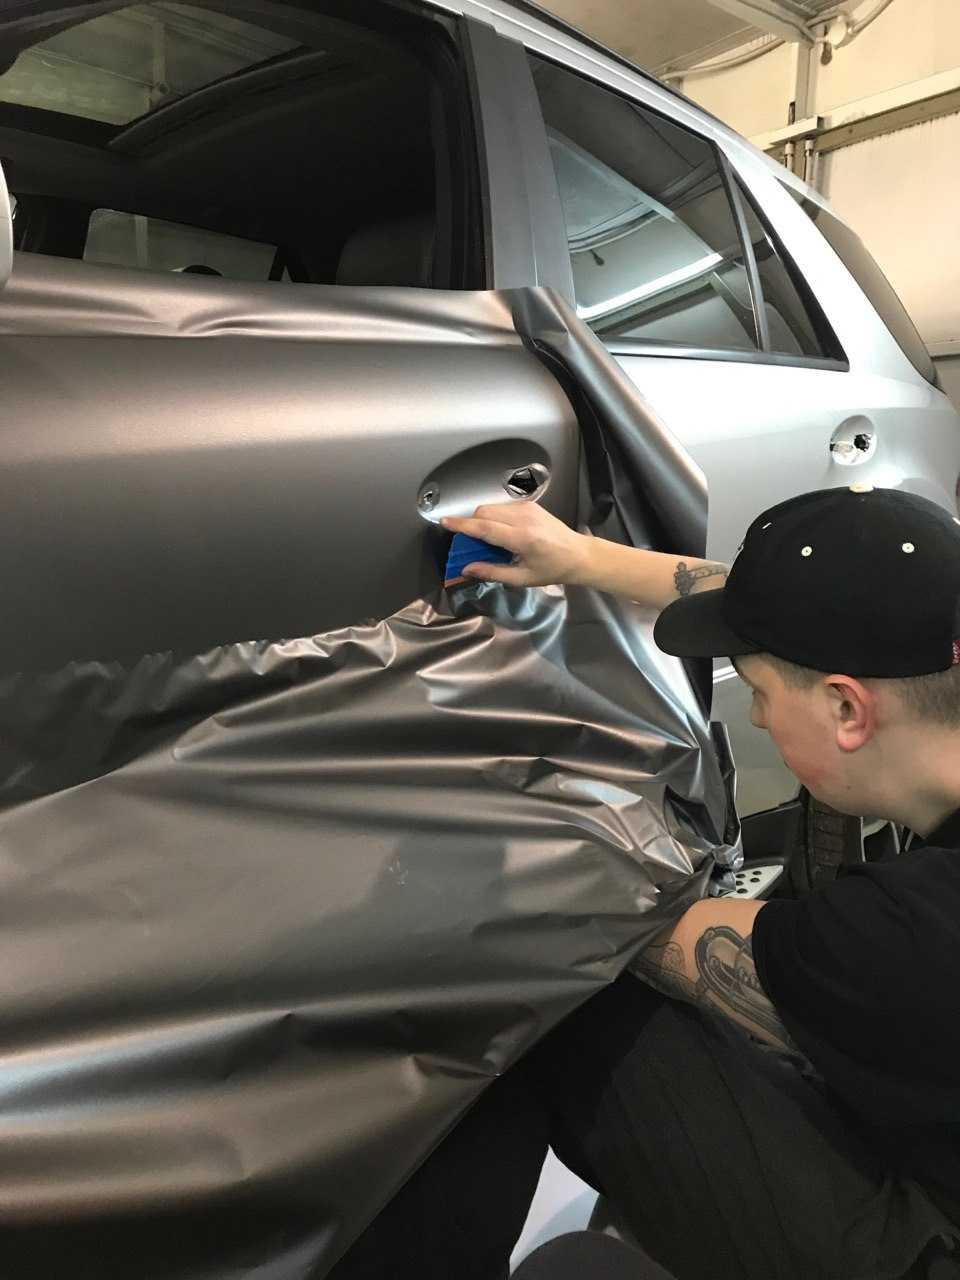 Тюнинг авто виниловой и карбоновой пленкой: инструкция по оклейке   авточас